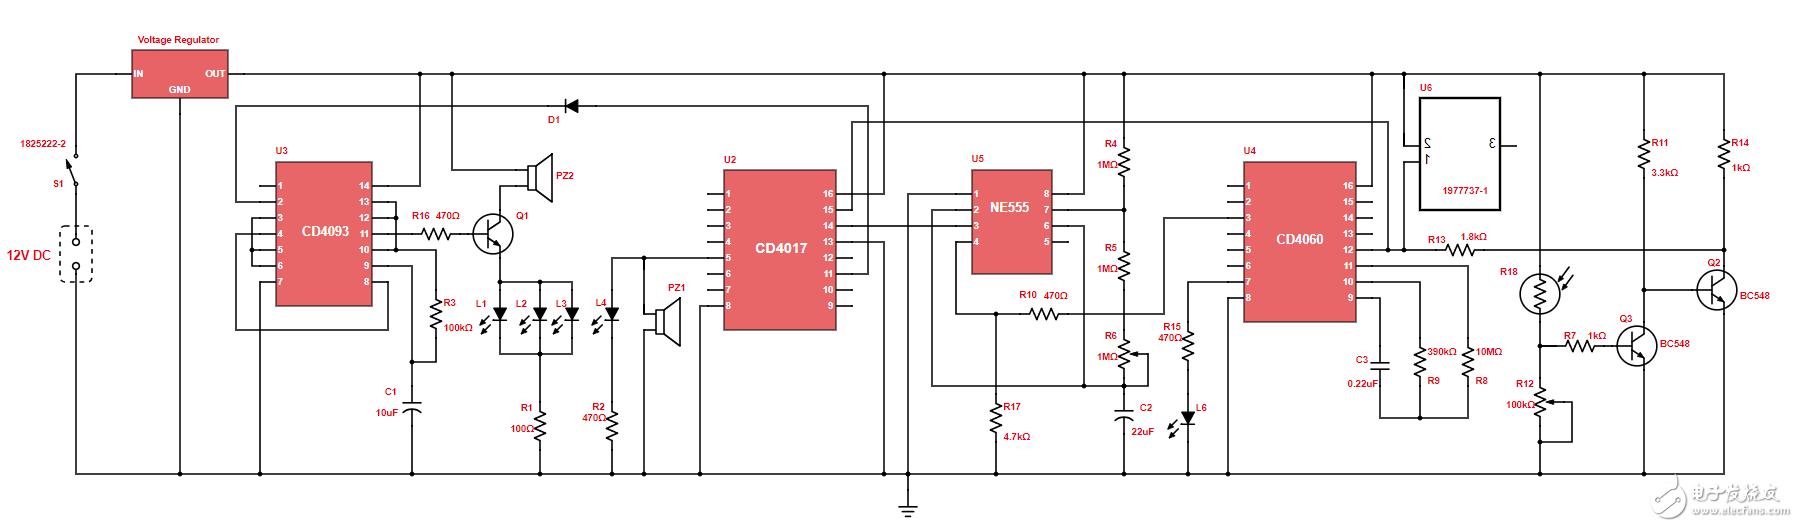 【每天看电路第97期】扬声器和LED报警电路